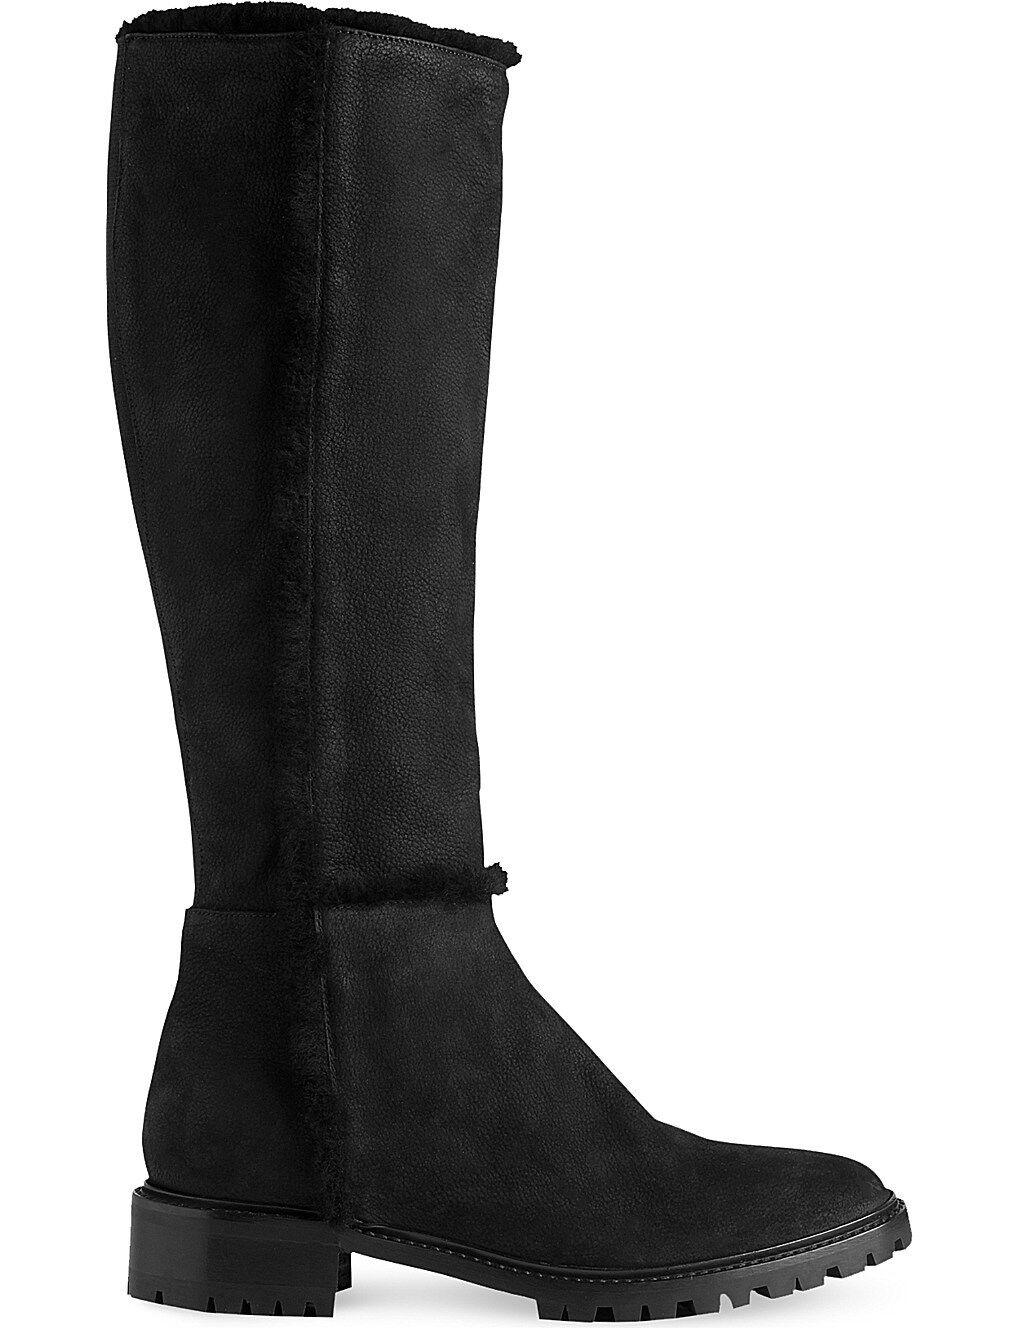 L.K. BENNETT TIMARA KNEE-HIGH NUBUCK Stiefel Größe  UK 8 - IT 41 - US 10.5